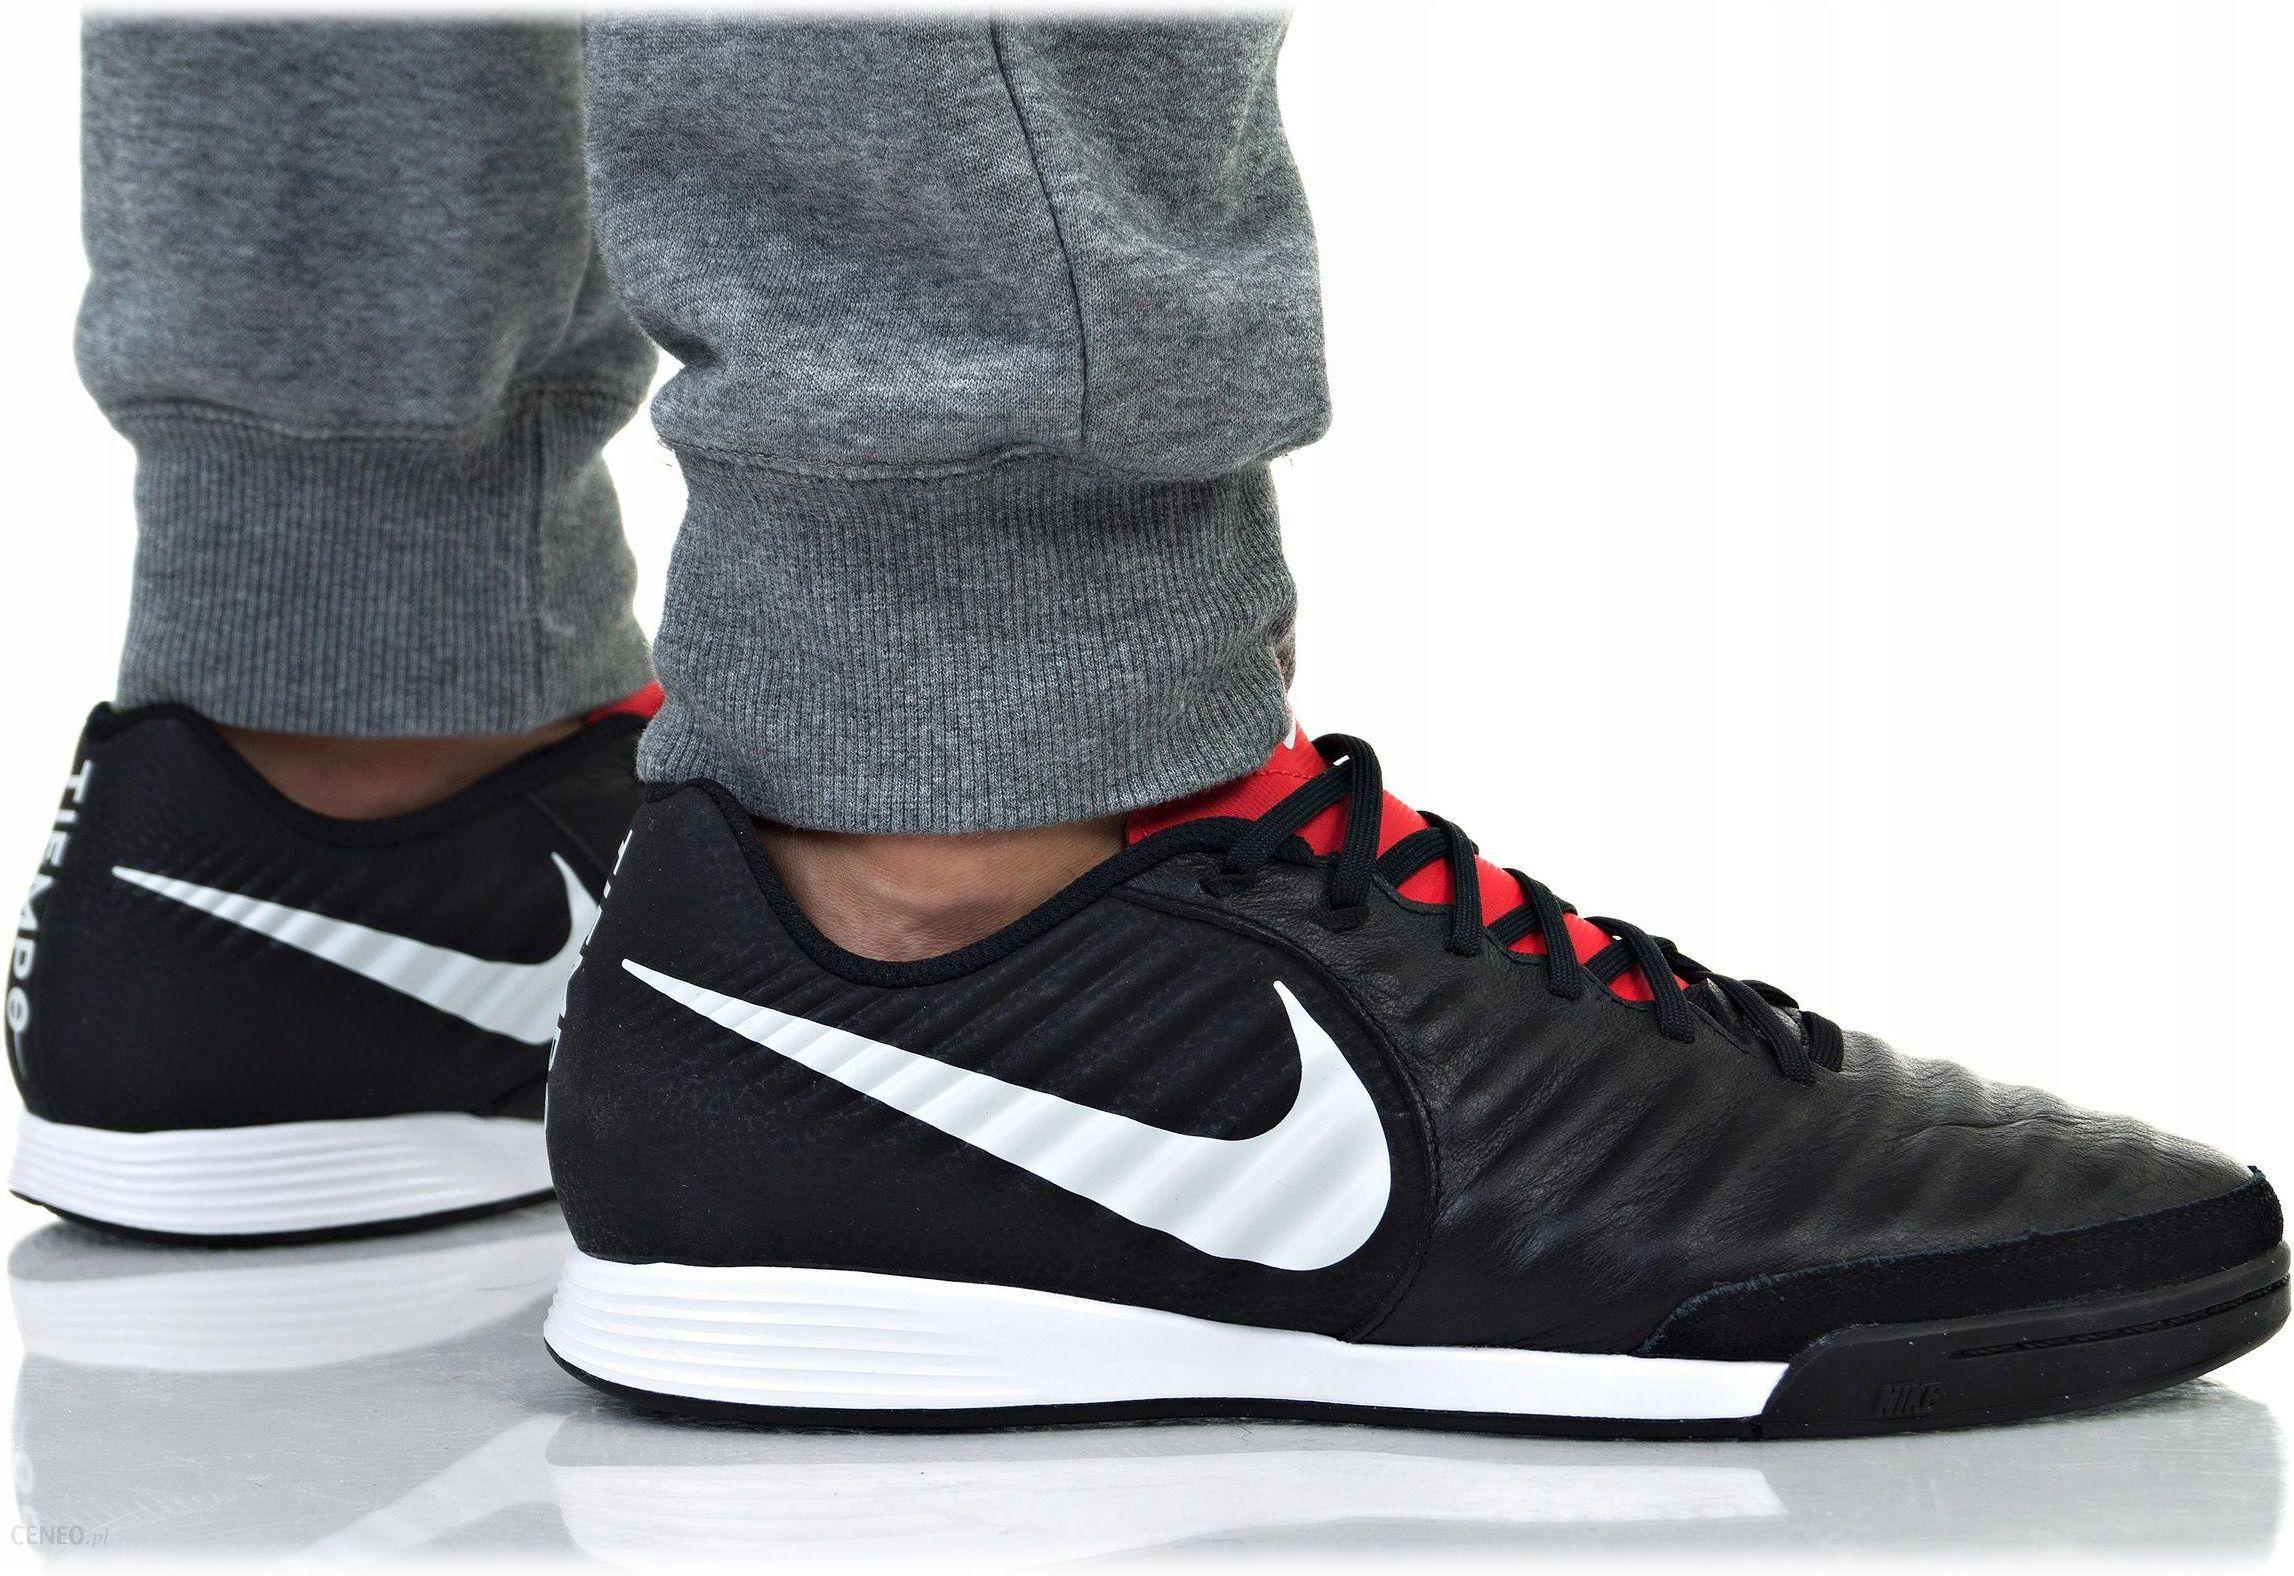 size 40 936b2 b521e Halówki Nike Męskie Legend 7 Academy IC AH7244-006 - zdjęcie 1